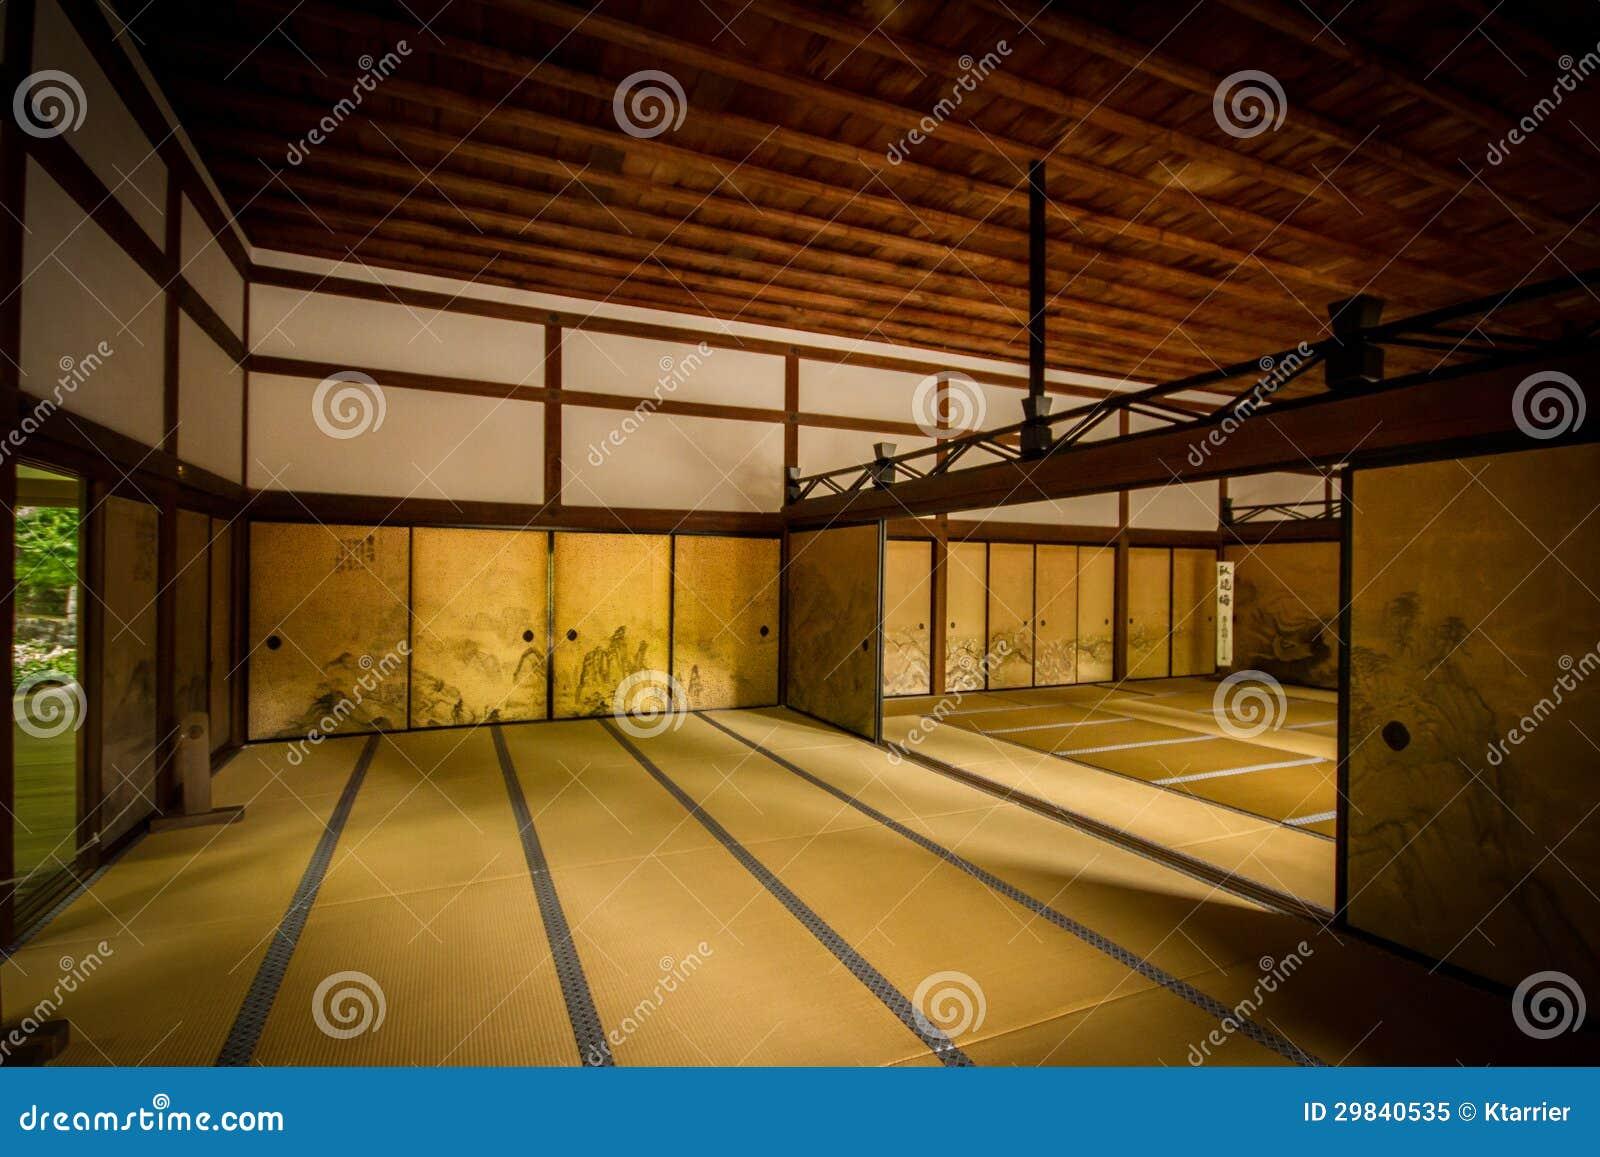 Int rieur de pi ce japonaise antique photo libre de droits for Architecture japonaise traditionnelle